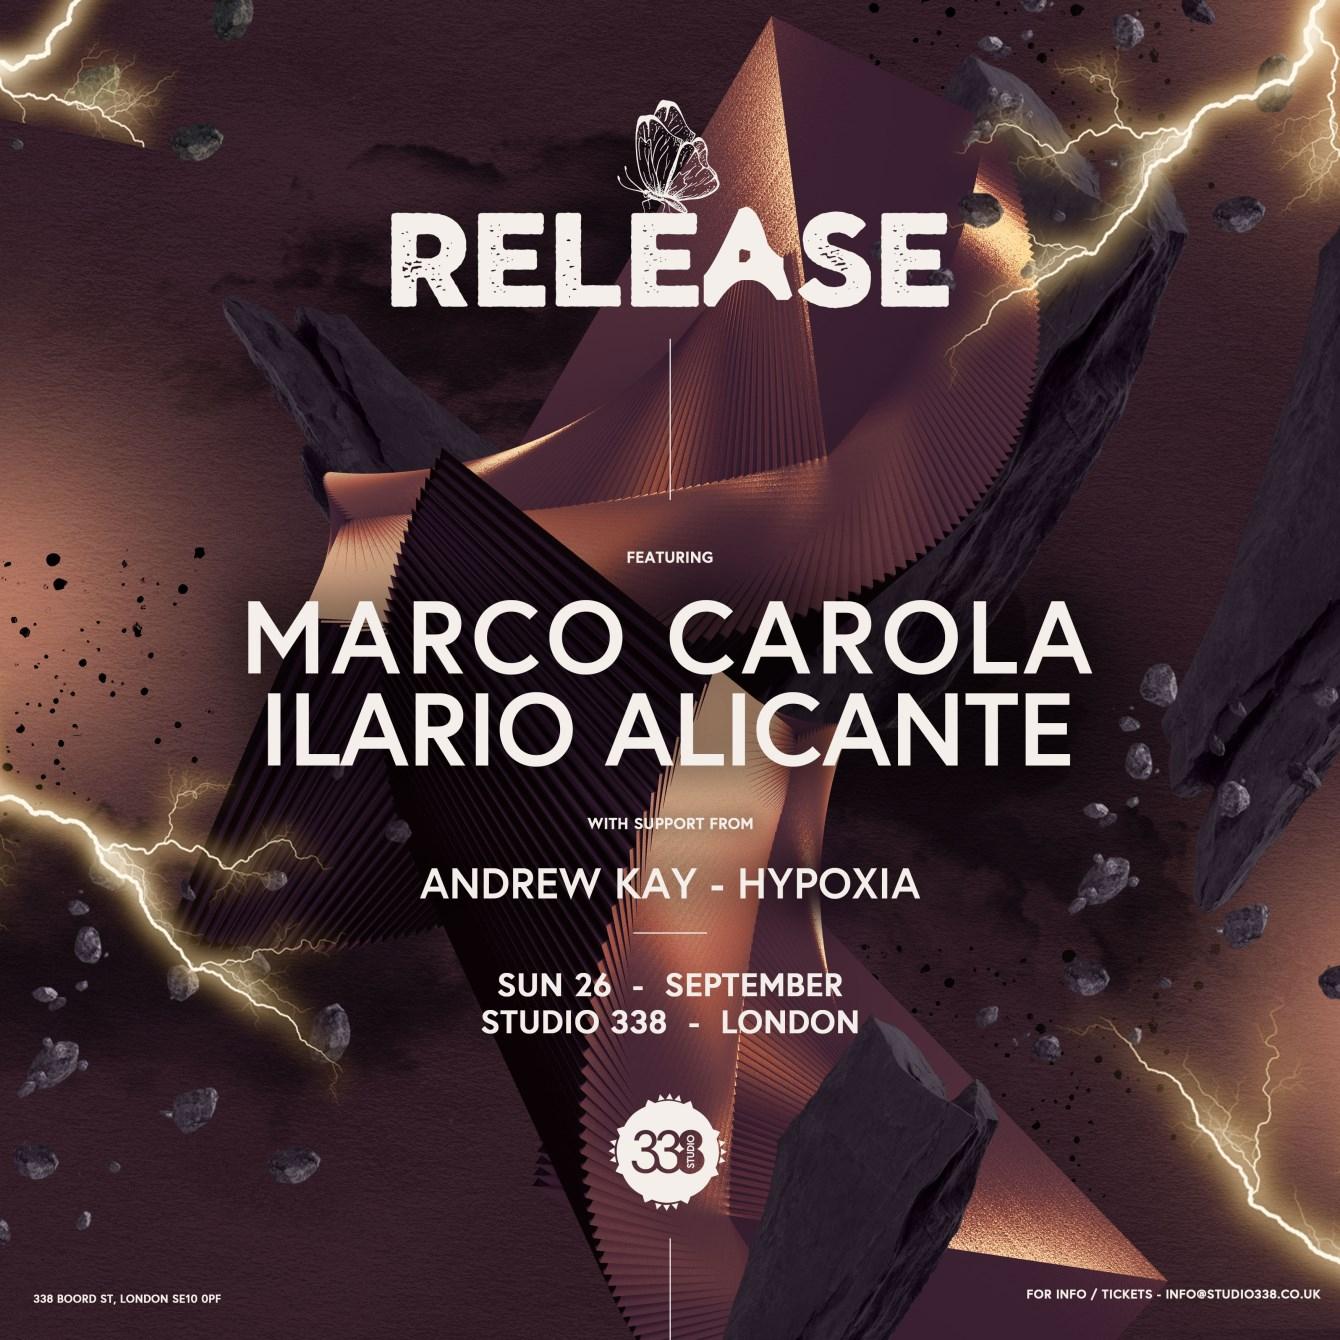 Release with Marco Carola + Ilario Alicante - Flyer front